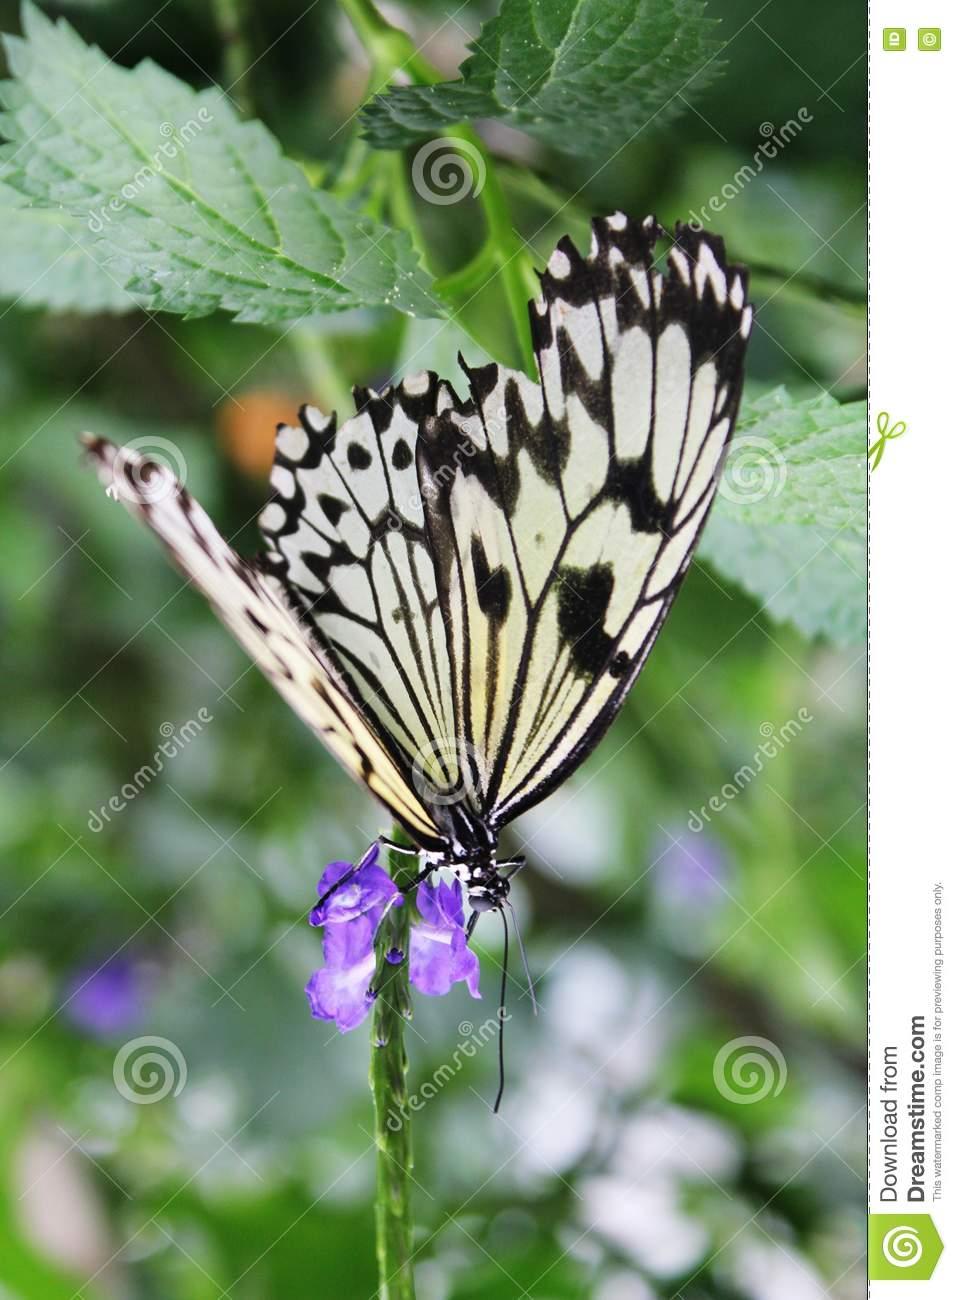 butterflies butterflies garden butterfly jardin des papillons located town grevenmacher near moselle river eastern